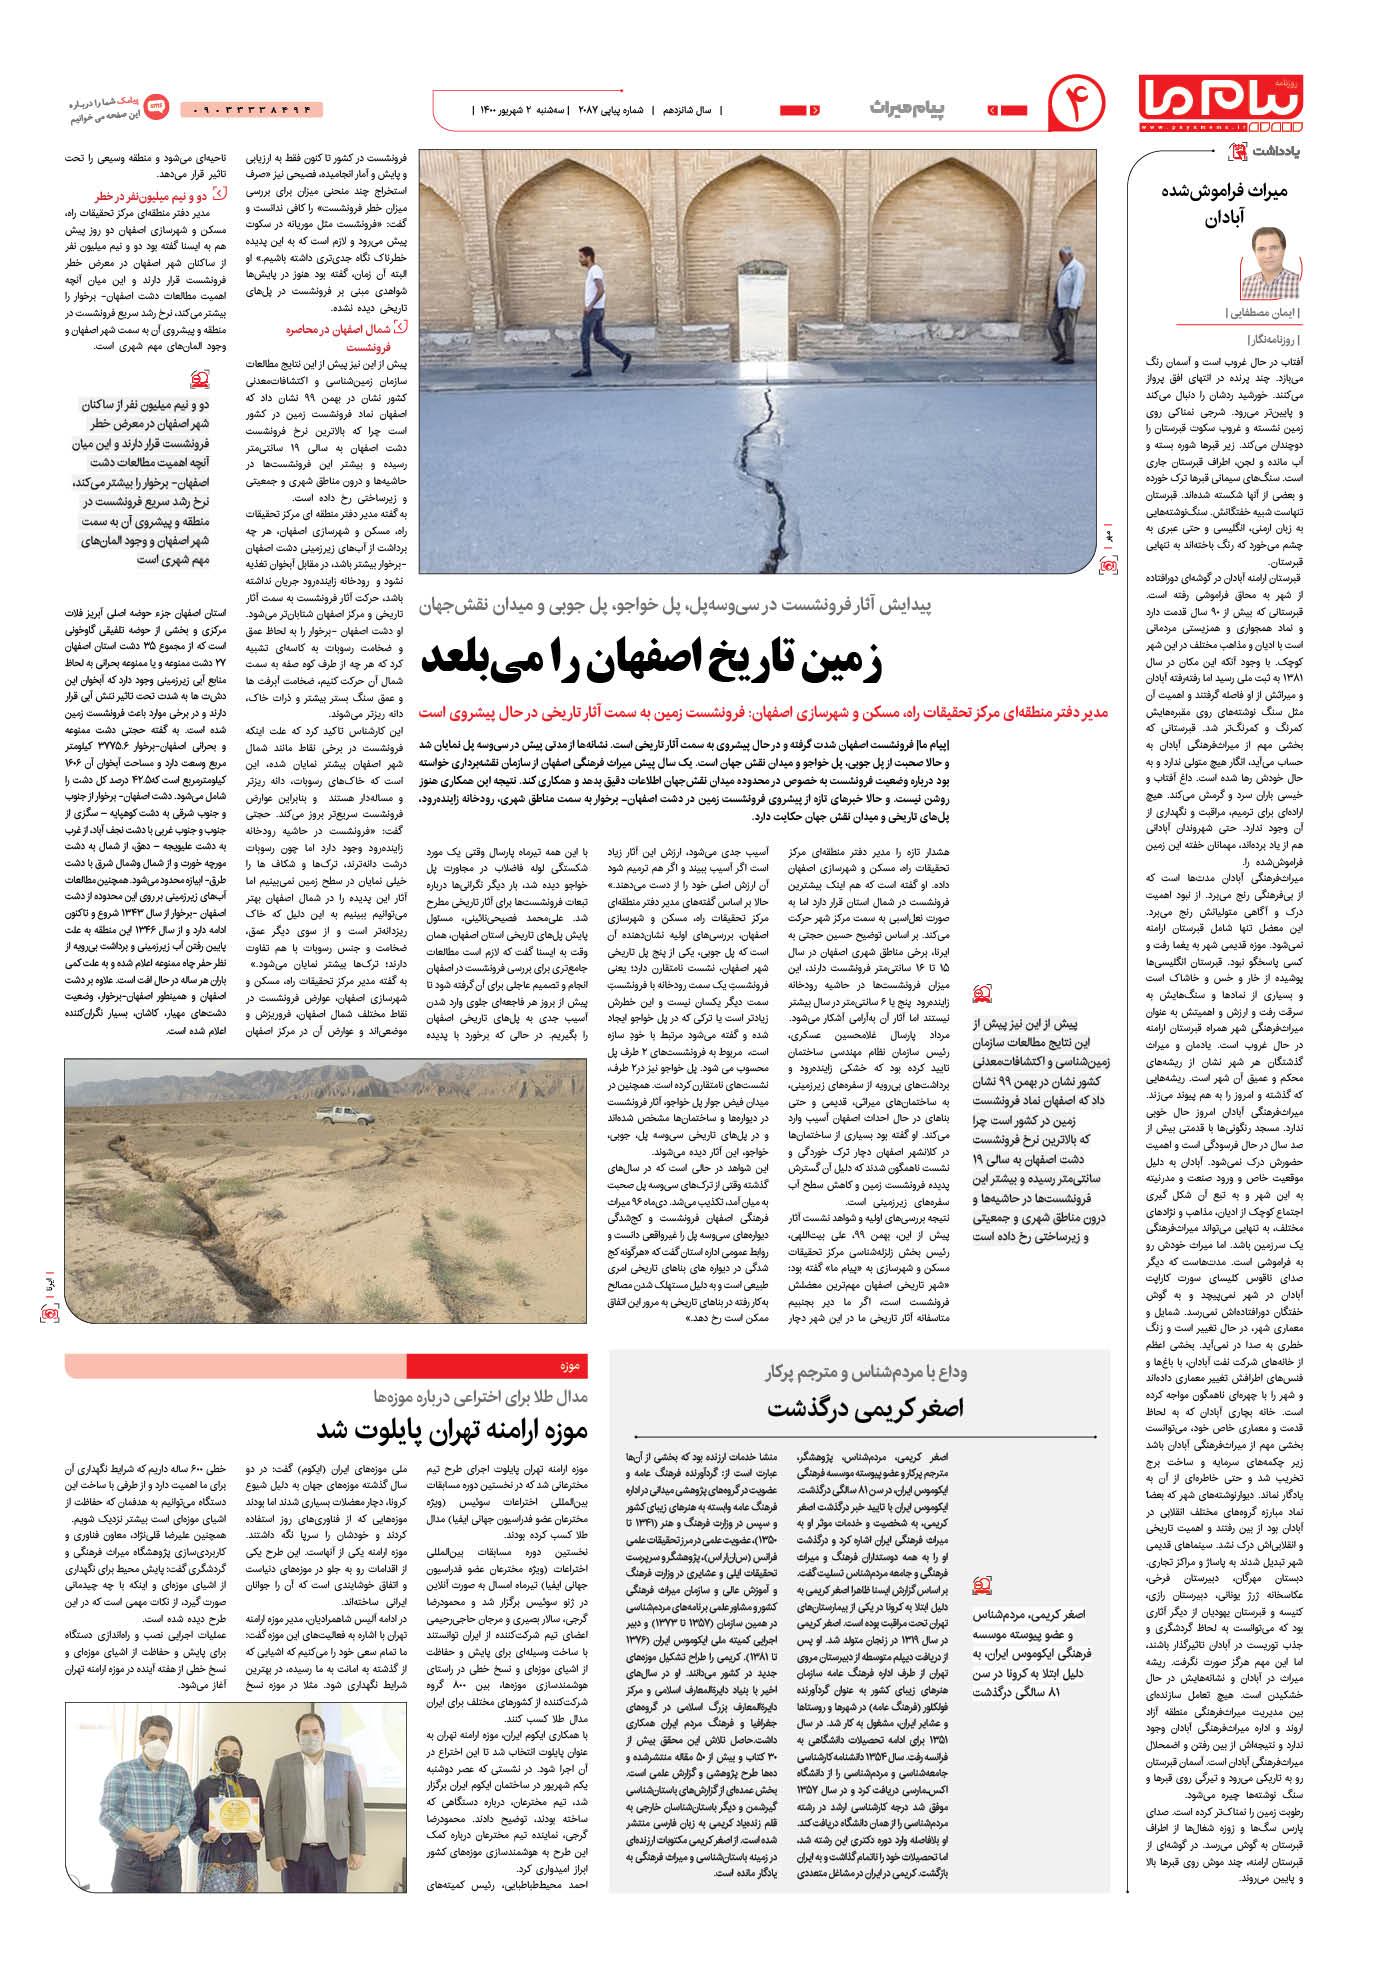 زمین تاریخ اصفهان را میبلعد